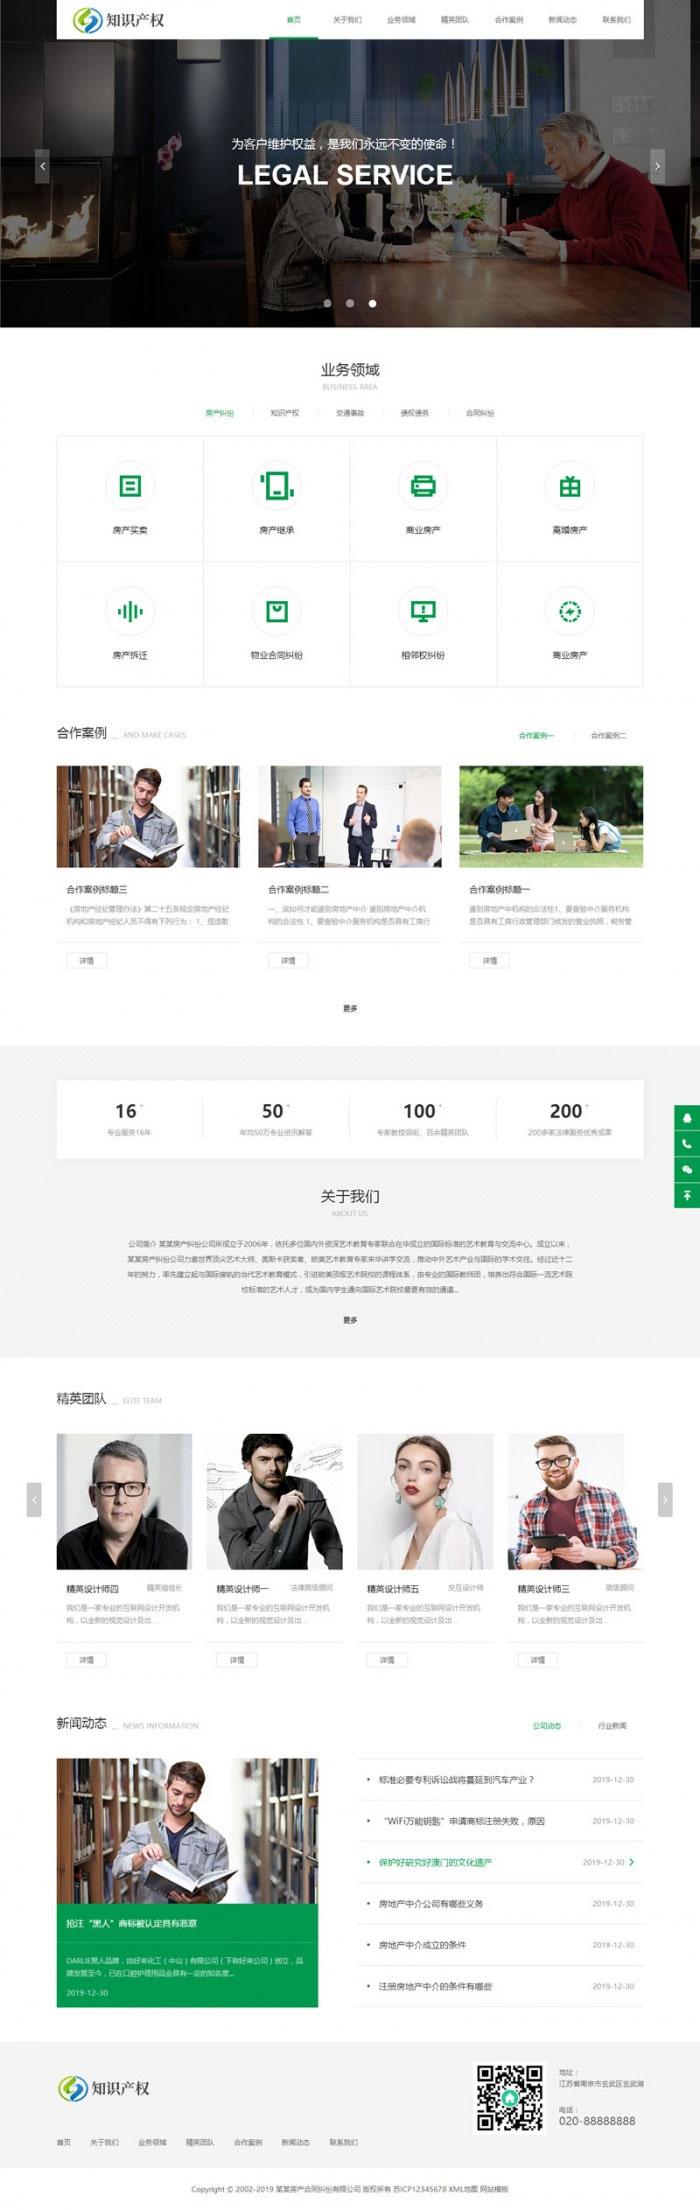 织梦dedecms响应式房产合同纠纷知识产权公司网站模板(自适应手机移动端)